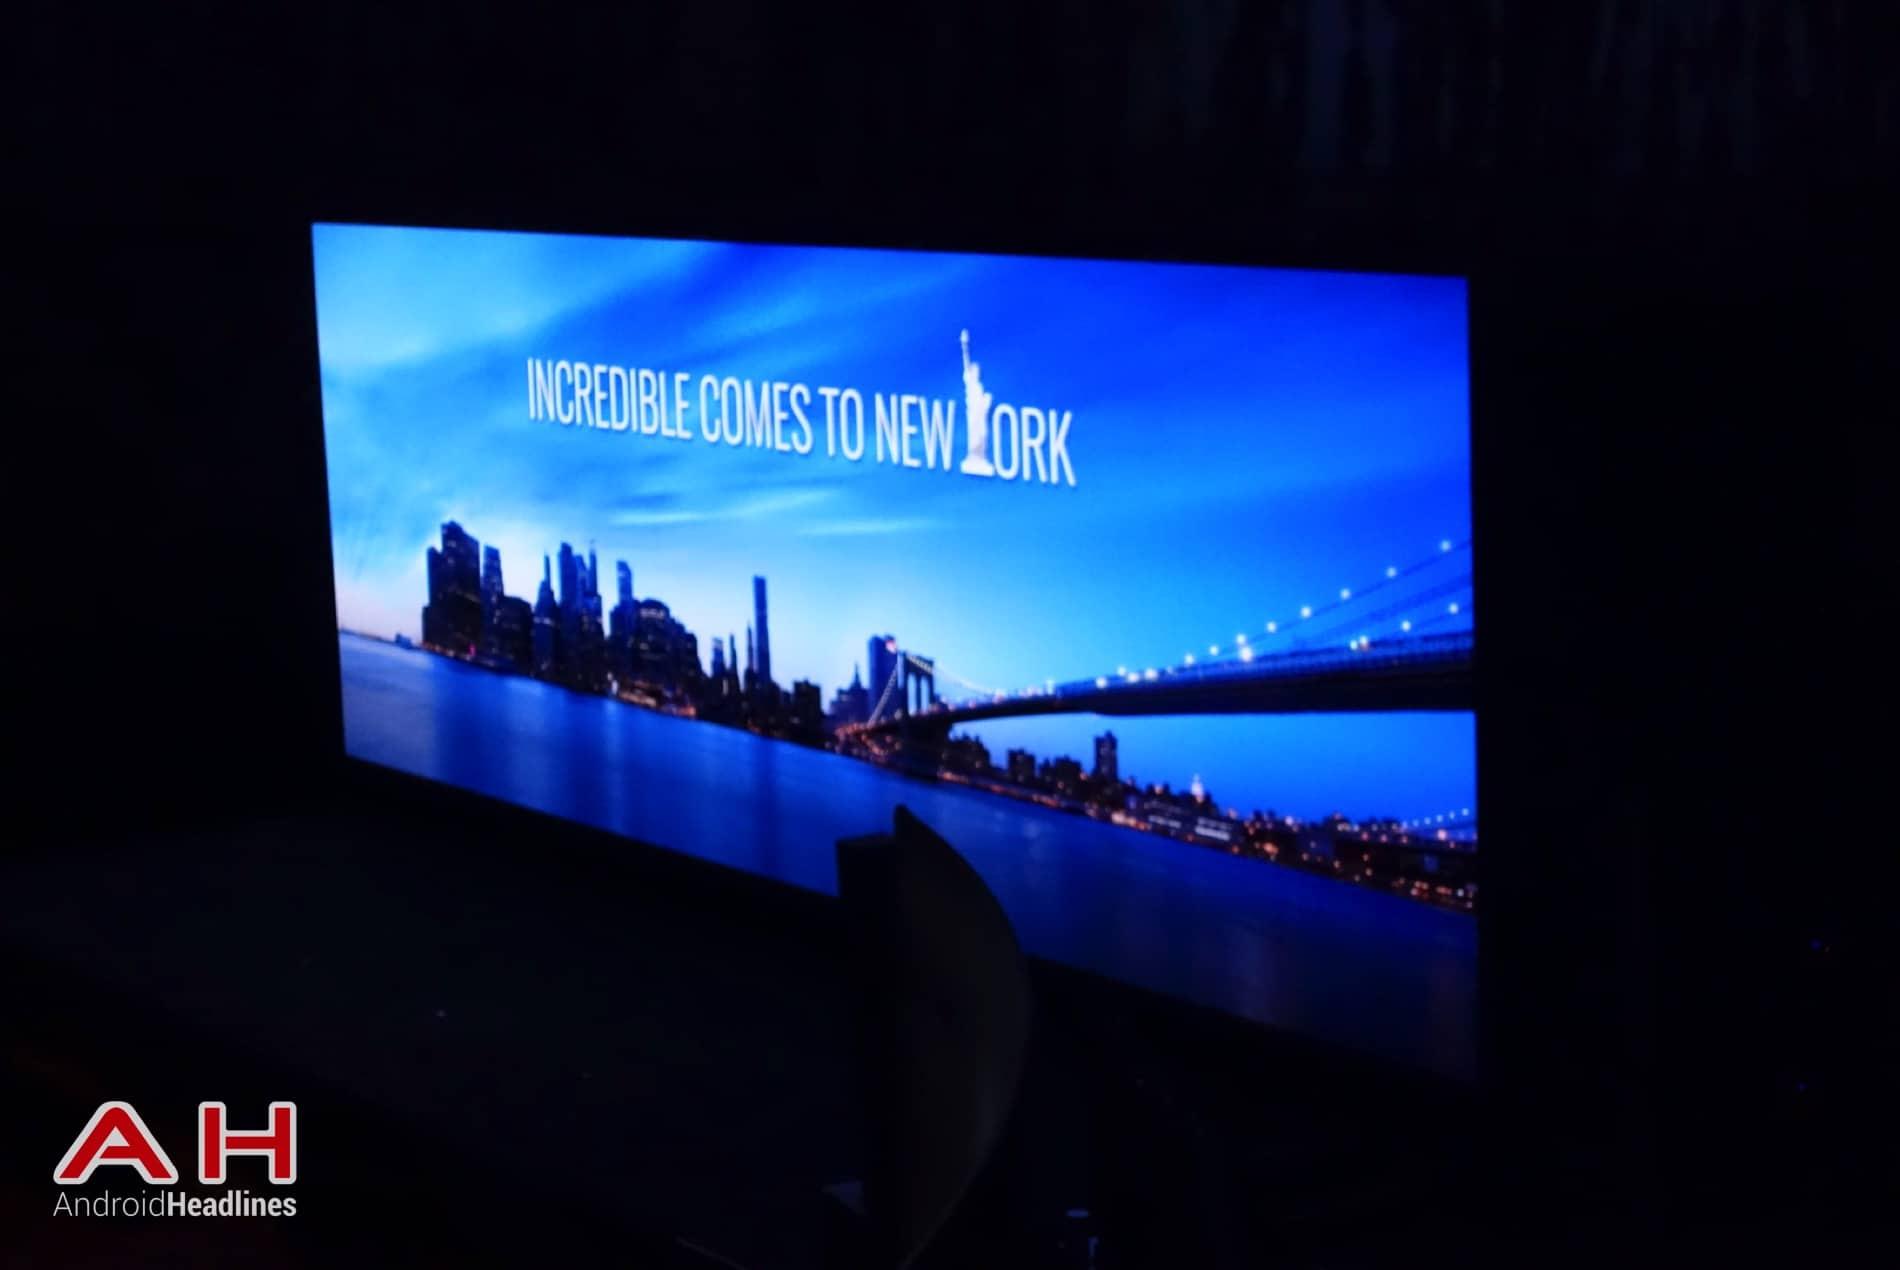 ASUS New York